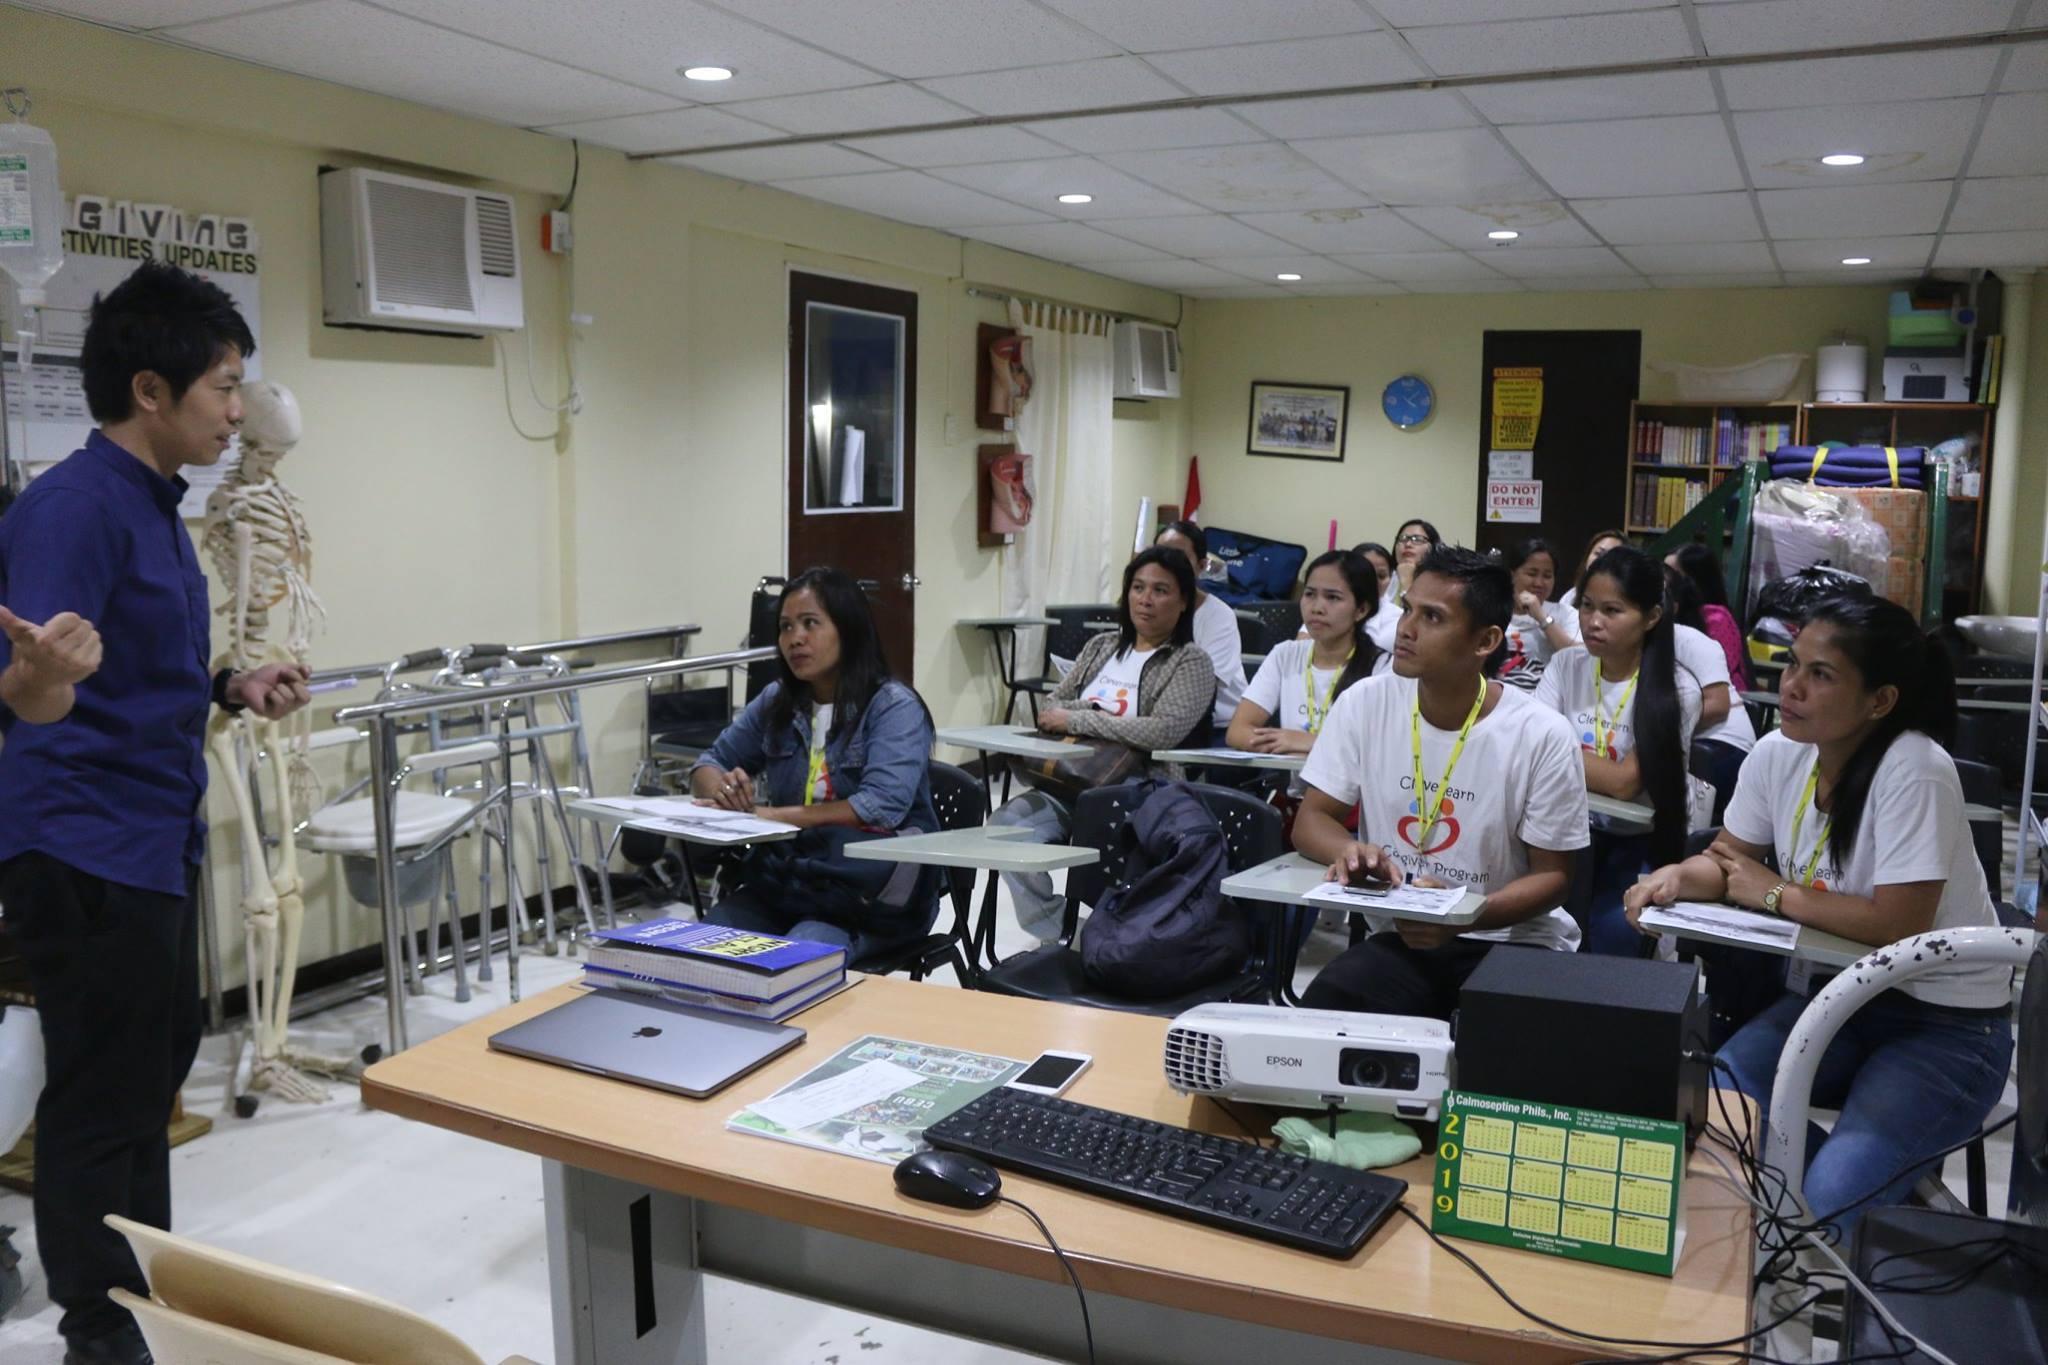 セブの日本語学校事業について現地の介護学校の生徒さんに説明